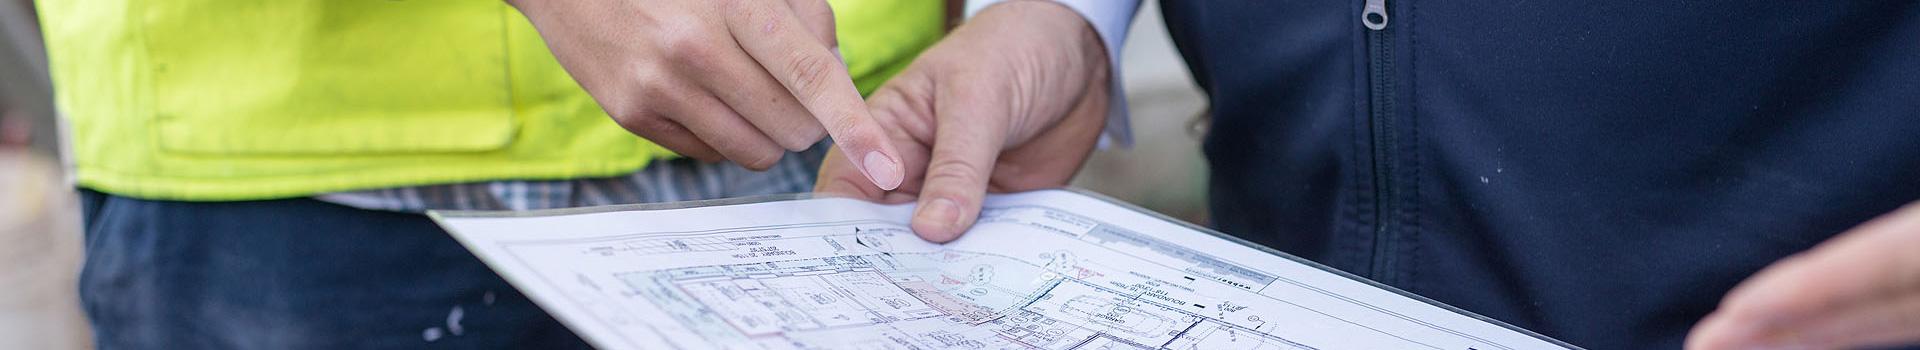 Architectural-David-Compton_0047-web